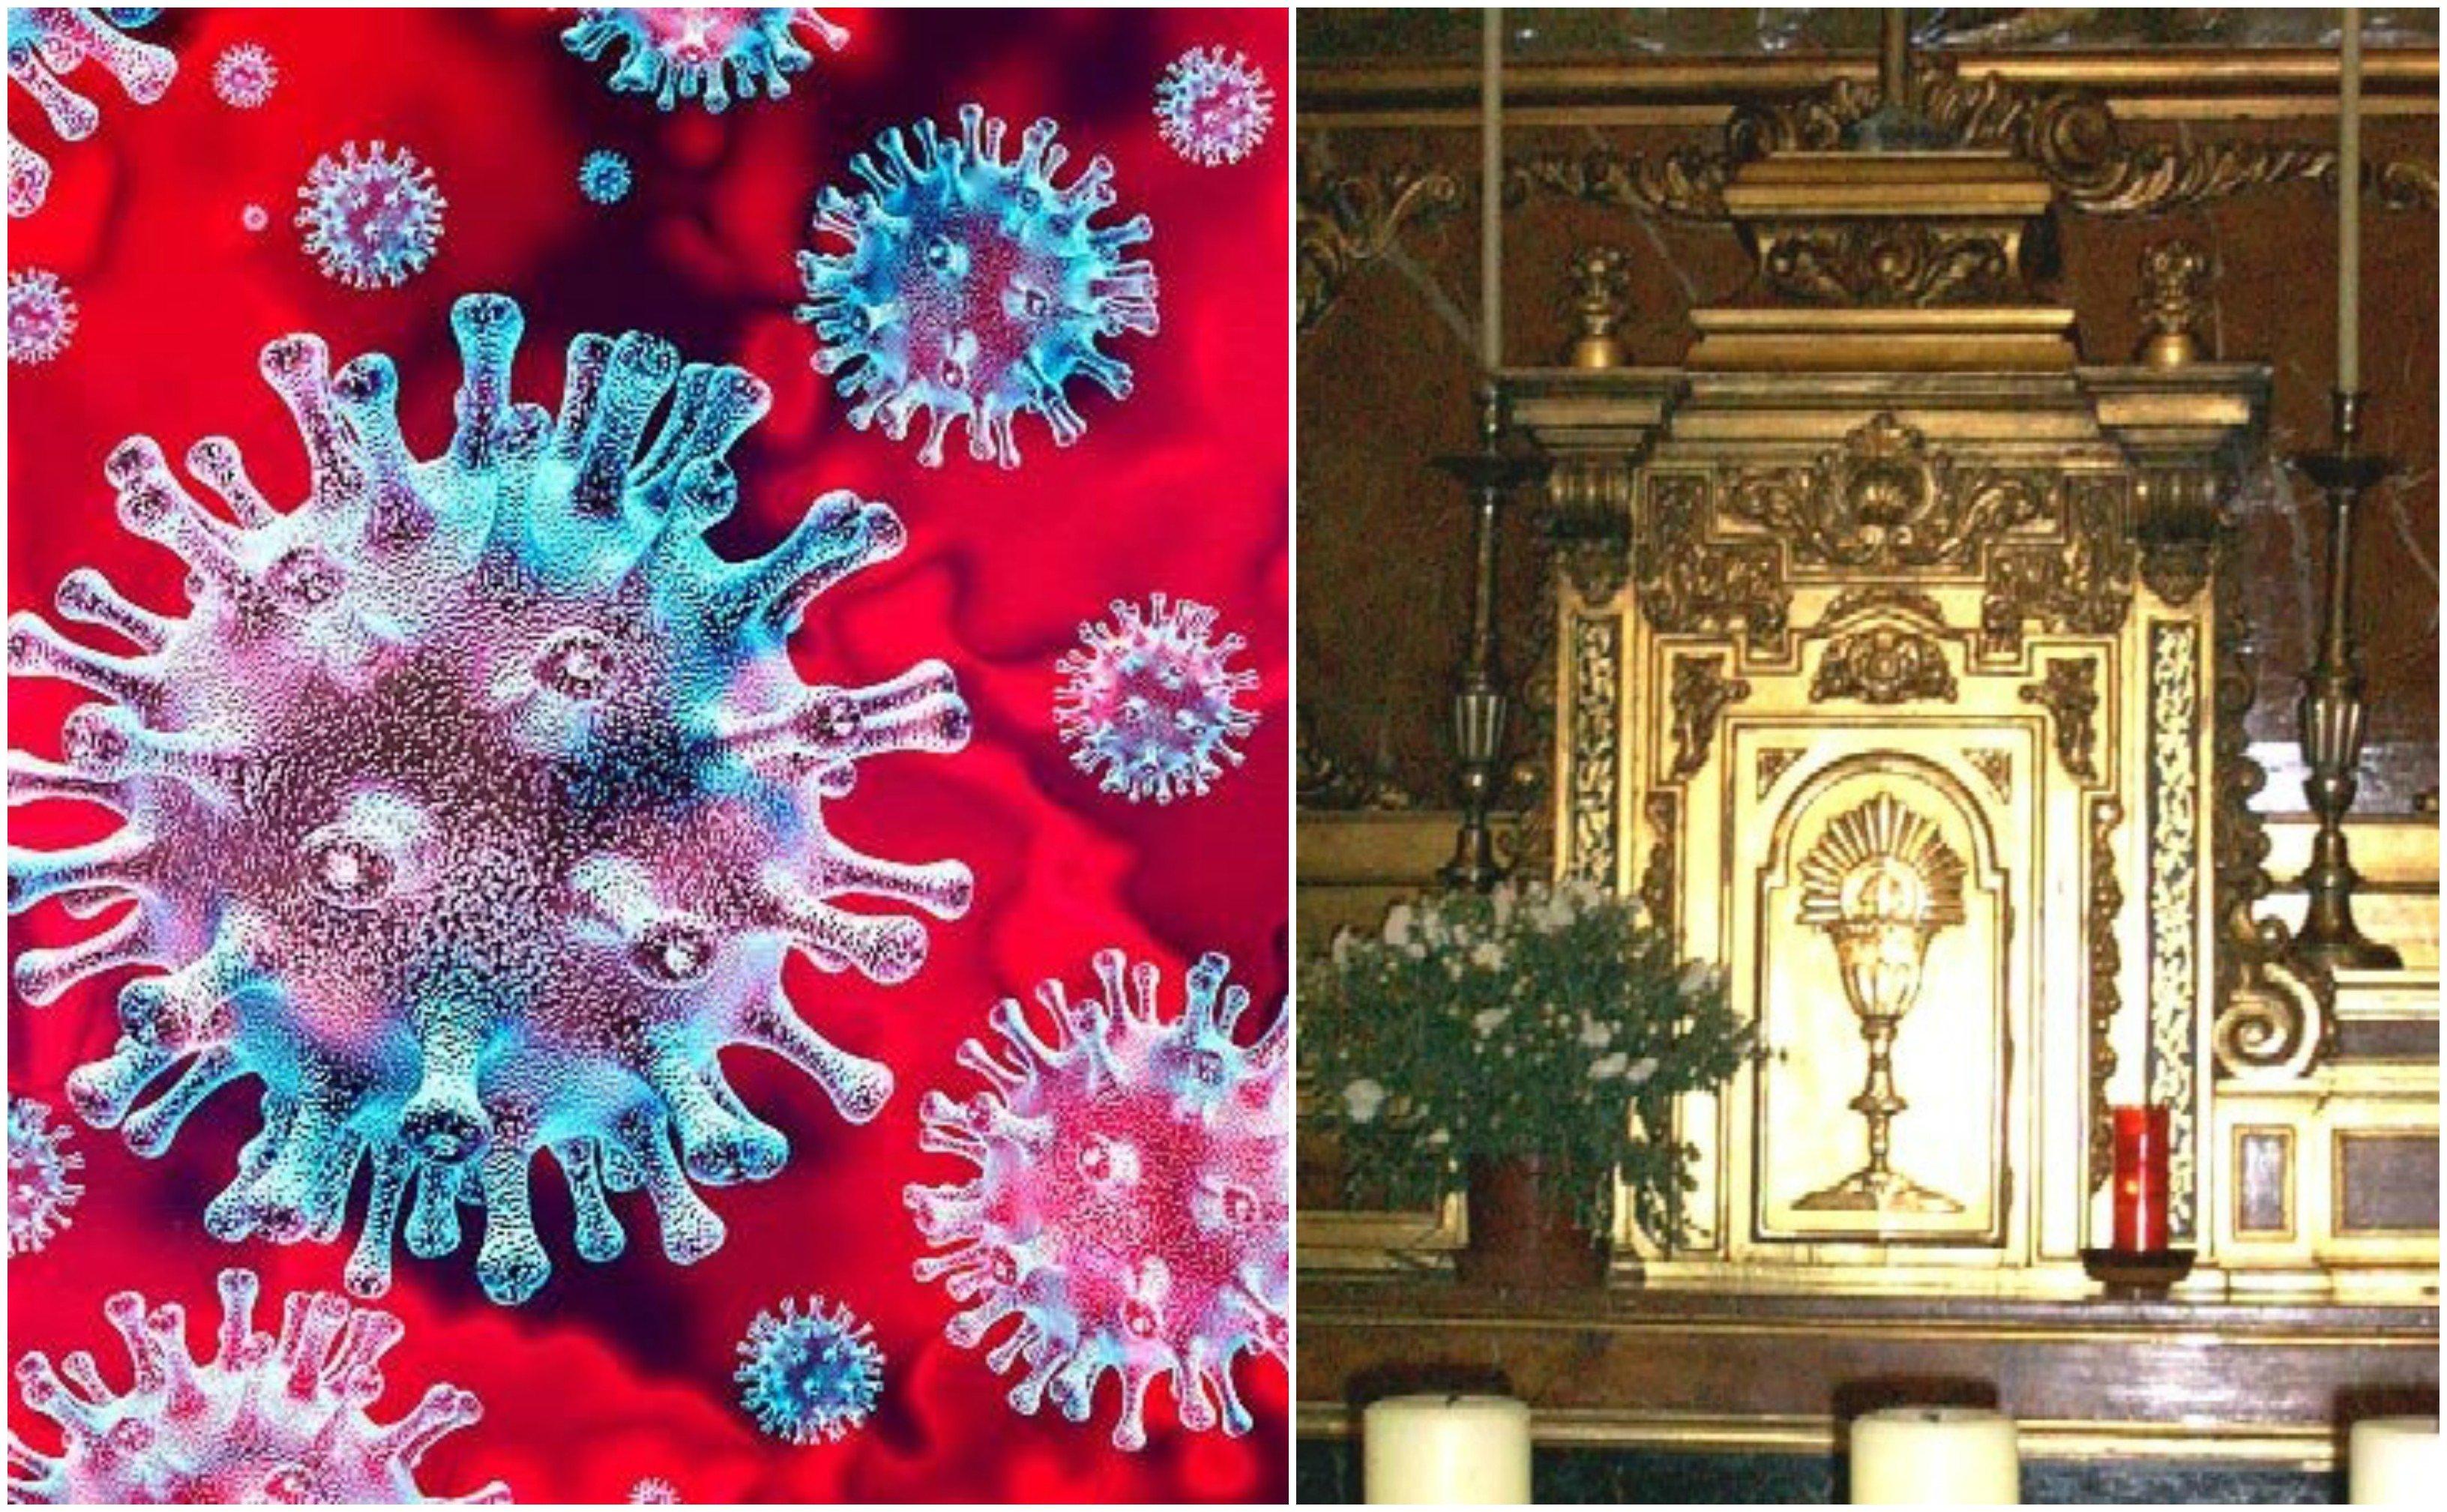 El coronavirus es una oportunidad para la conversión. Desperdiciarla, una insensatez. Podría ser la última oportunidad